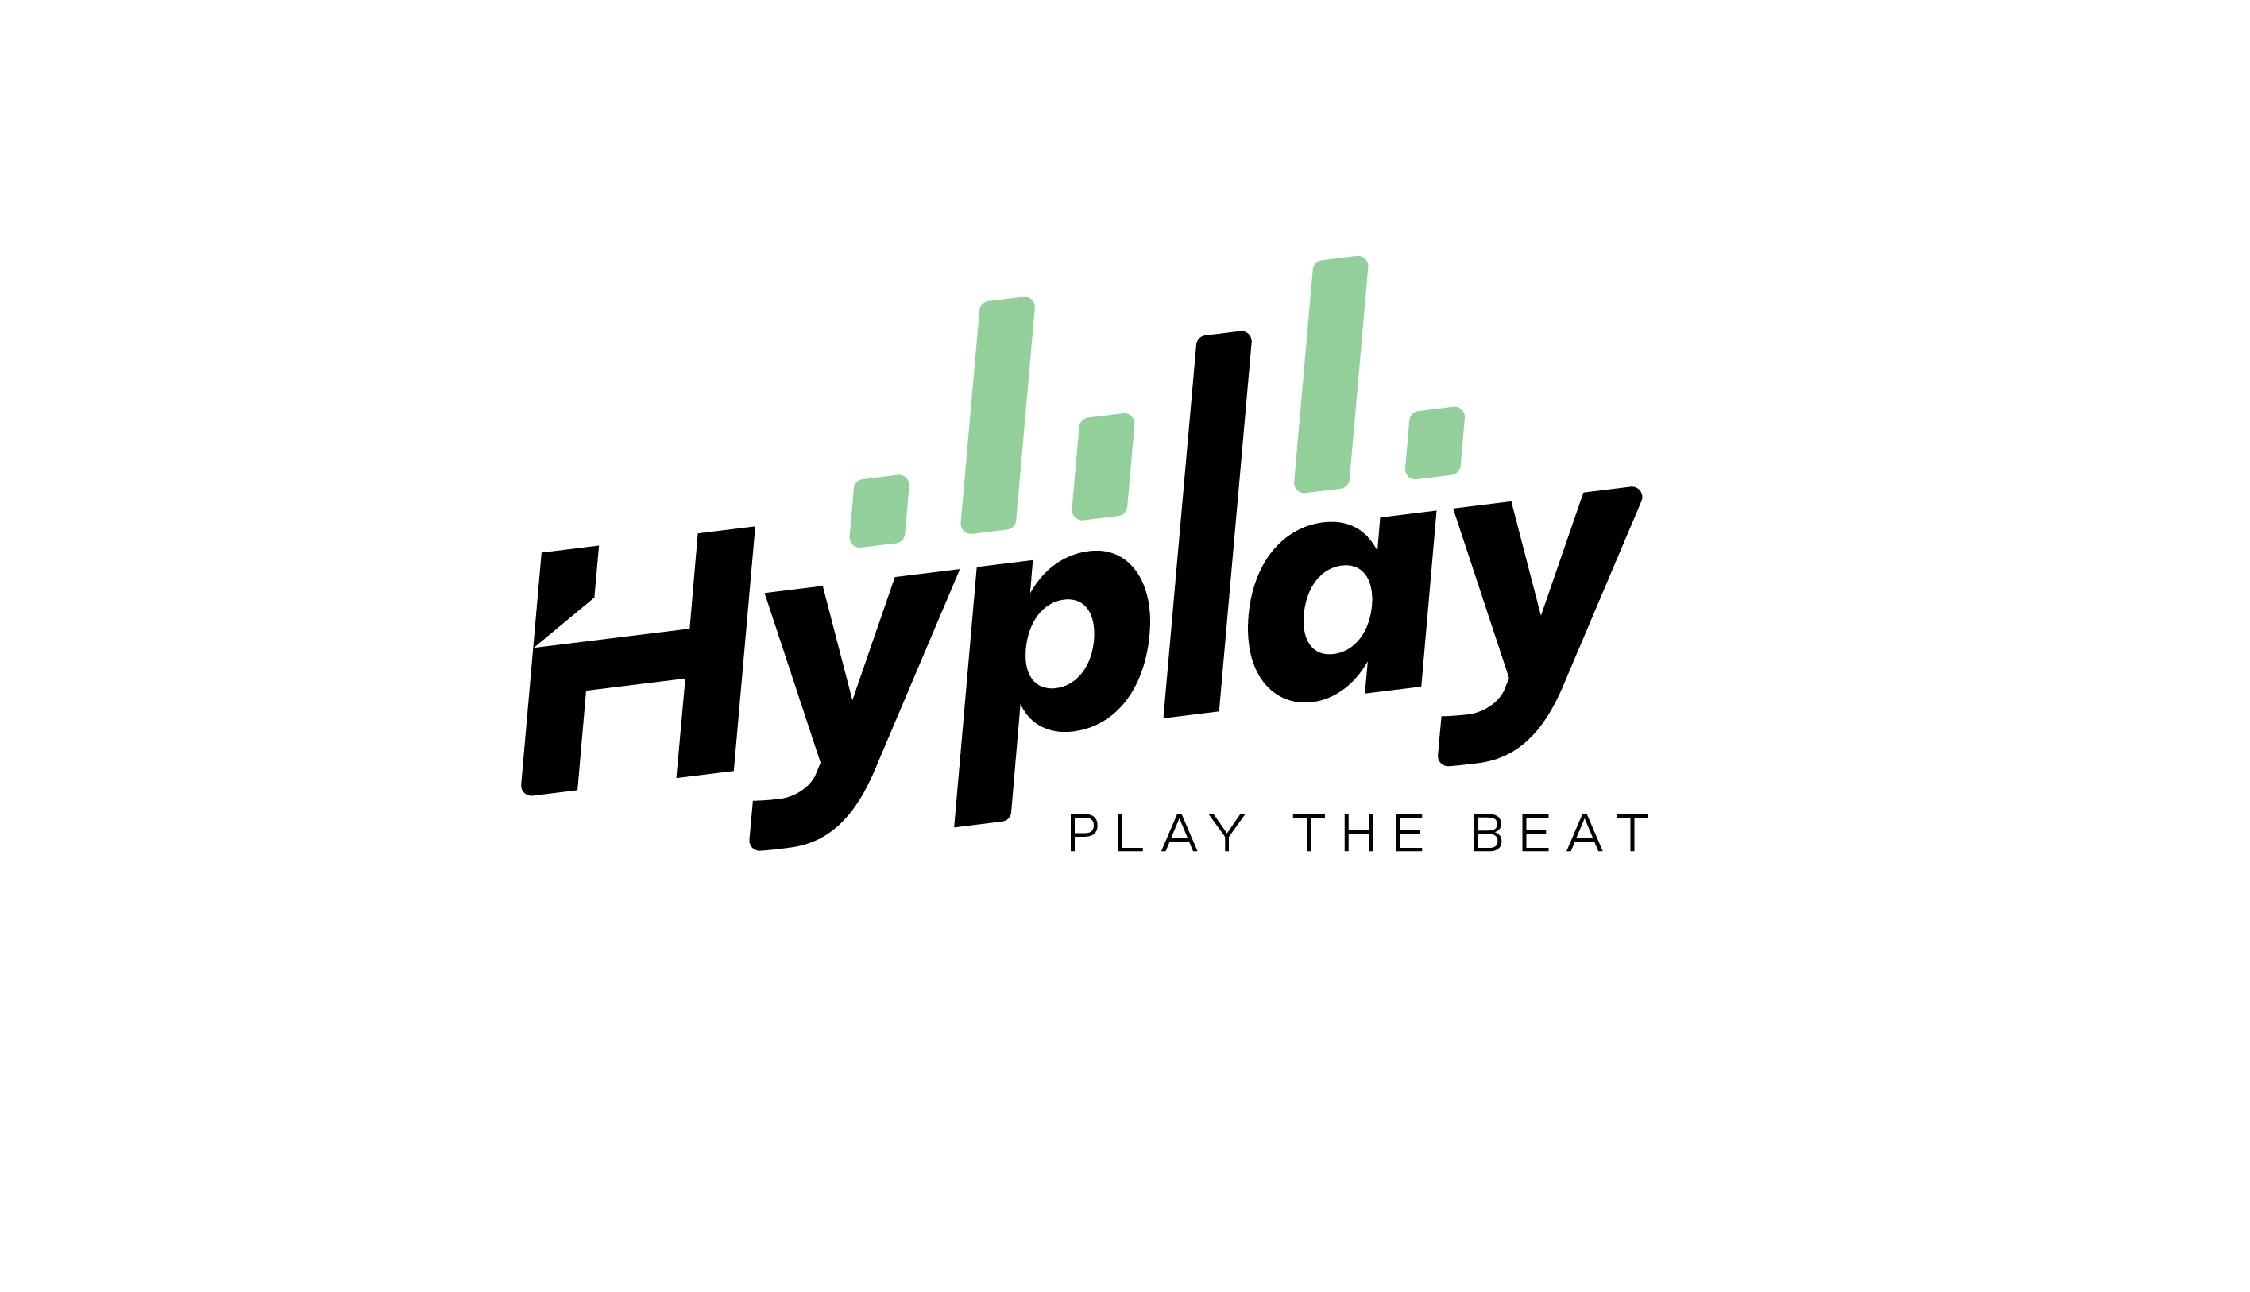 Divulgação/Hyplay Records